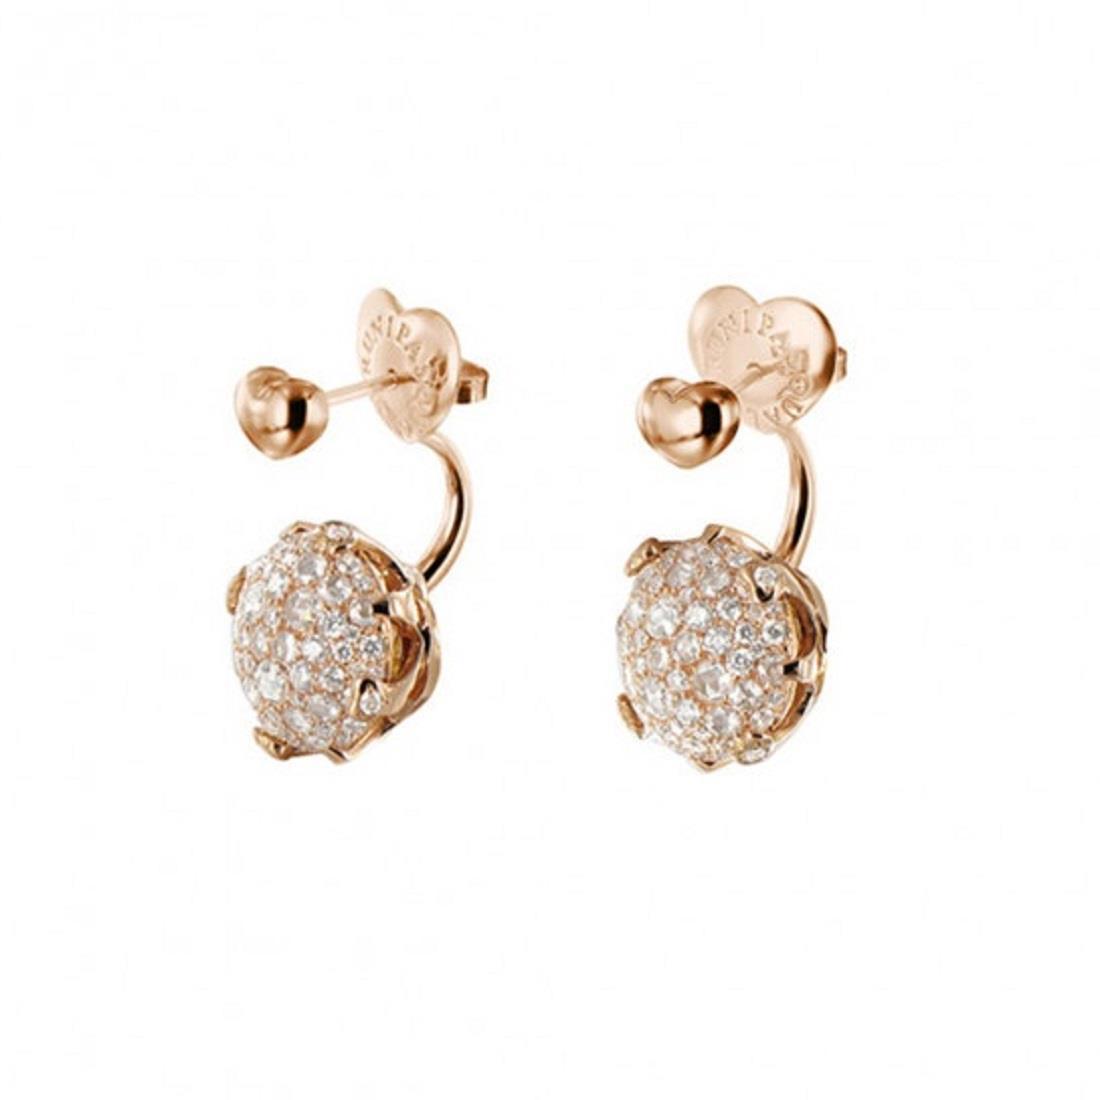 Orecchini design con diamanti - PASQUALE BRUNI